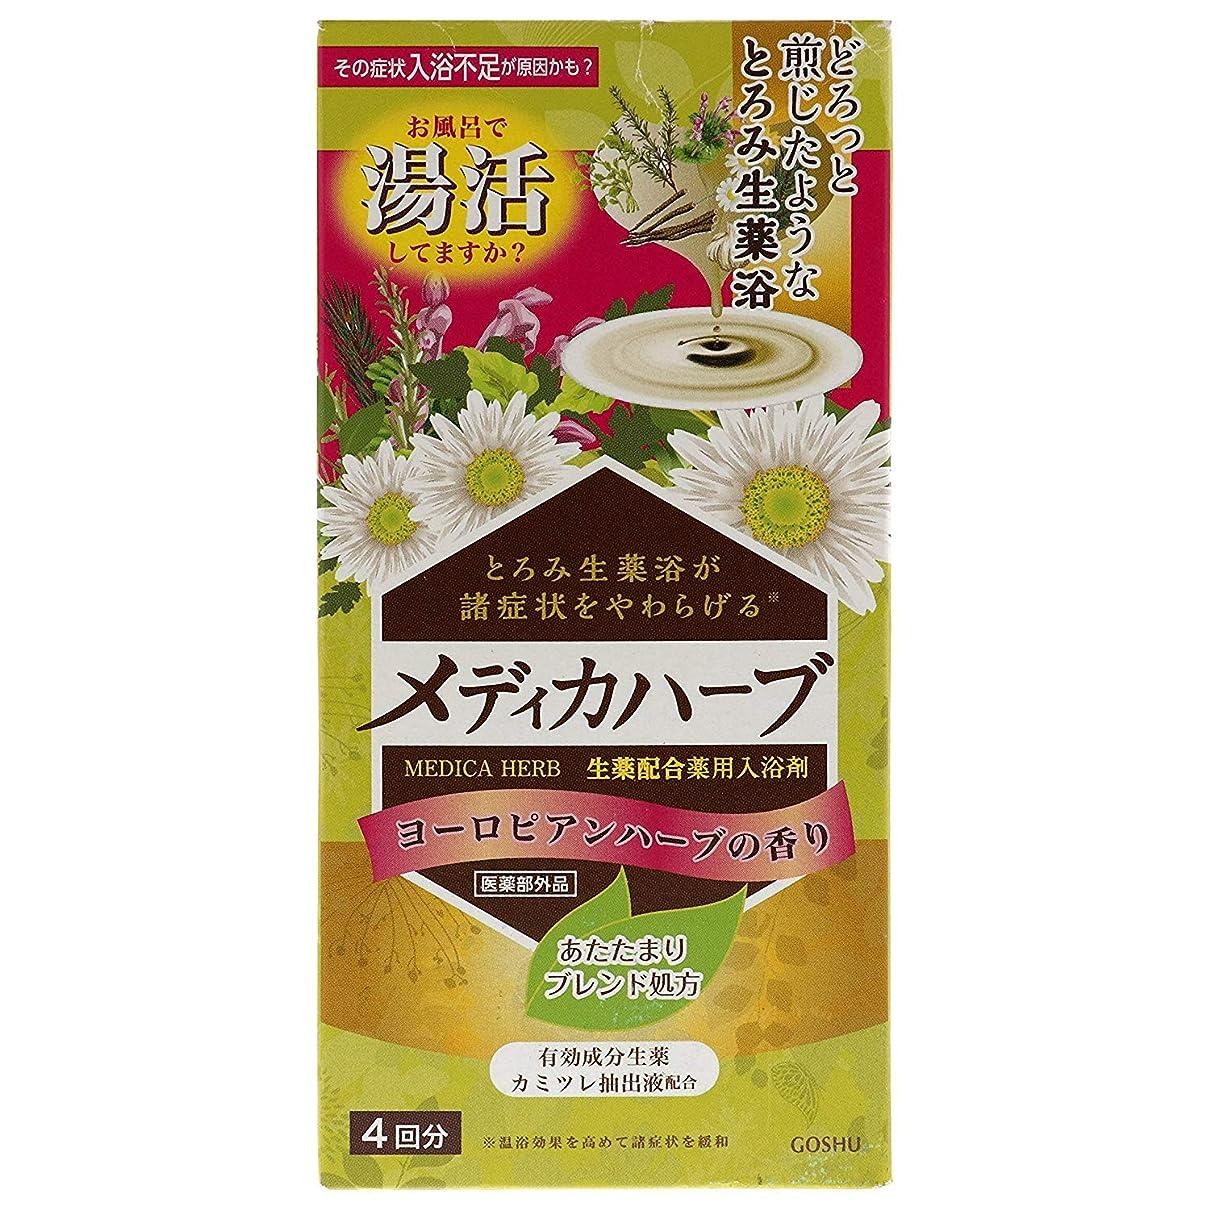 育成状況略すメディカハーブ ヨーロピアンハーブの香り 4包(4回分) [医薬部外品]